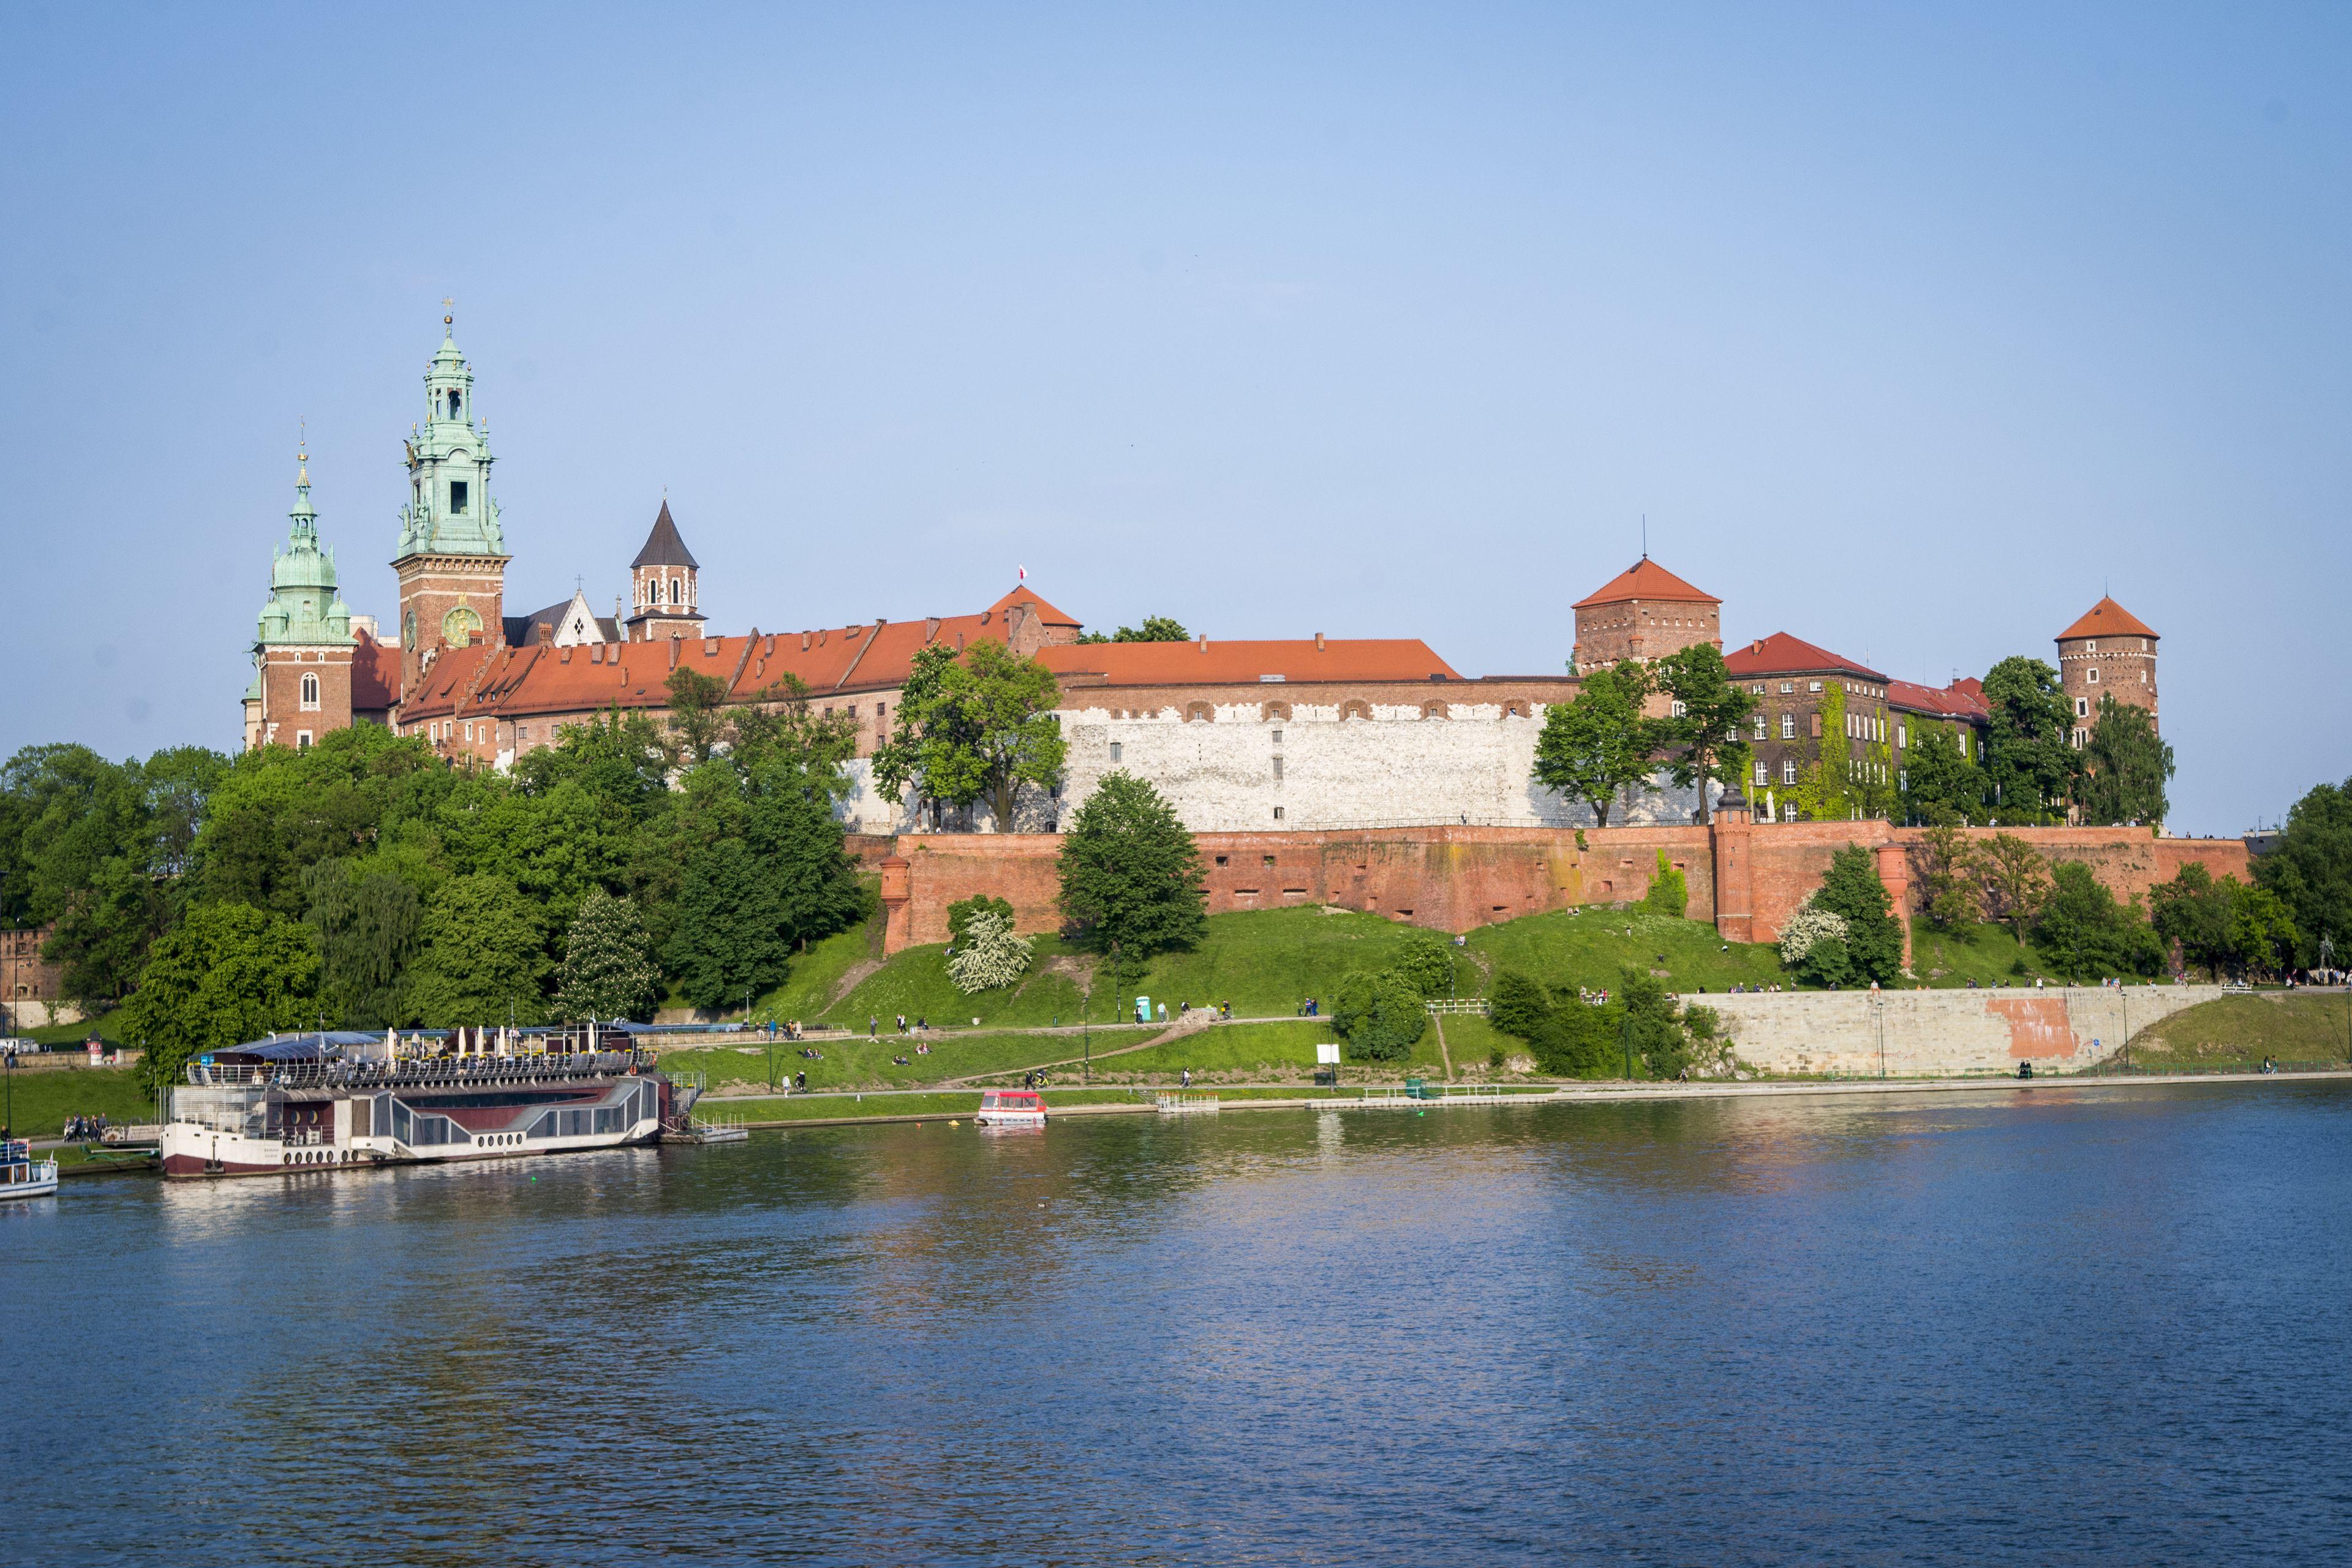 Landscape view of Wawel Castle